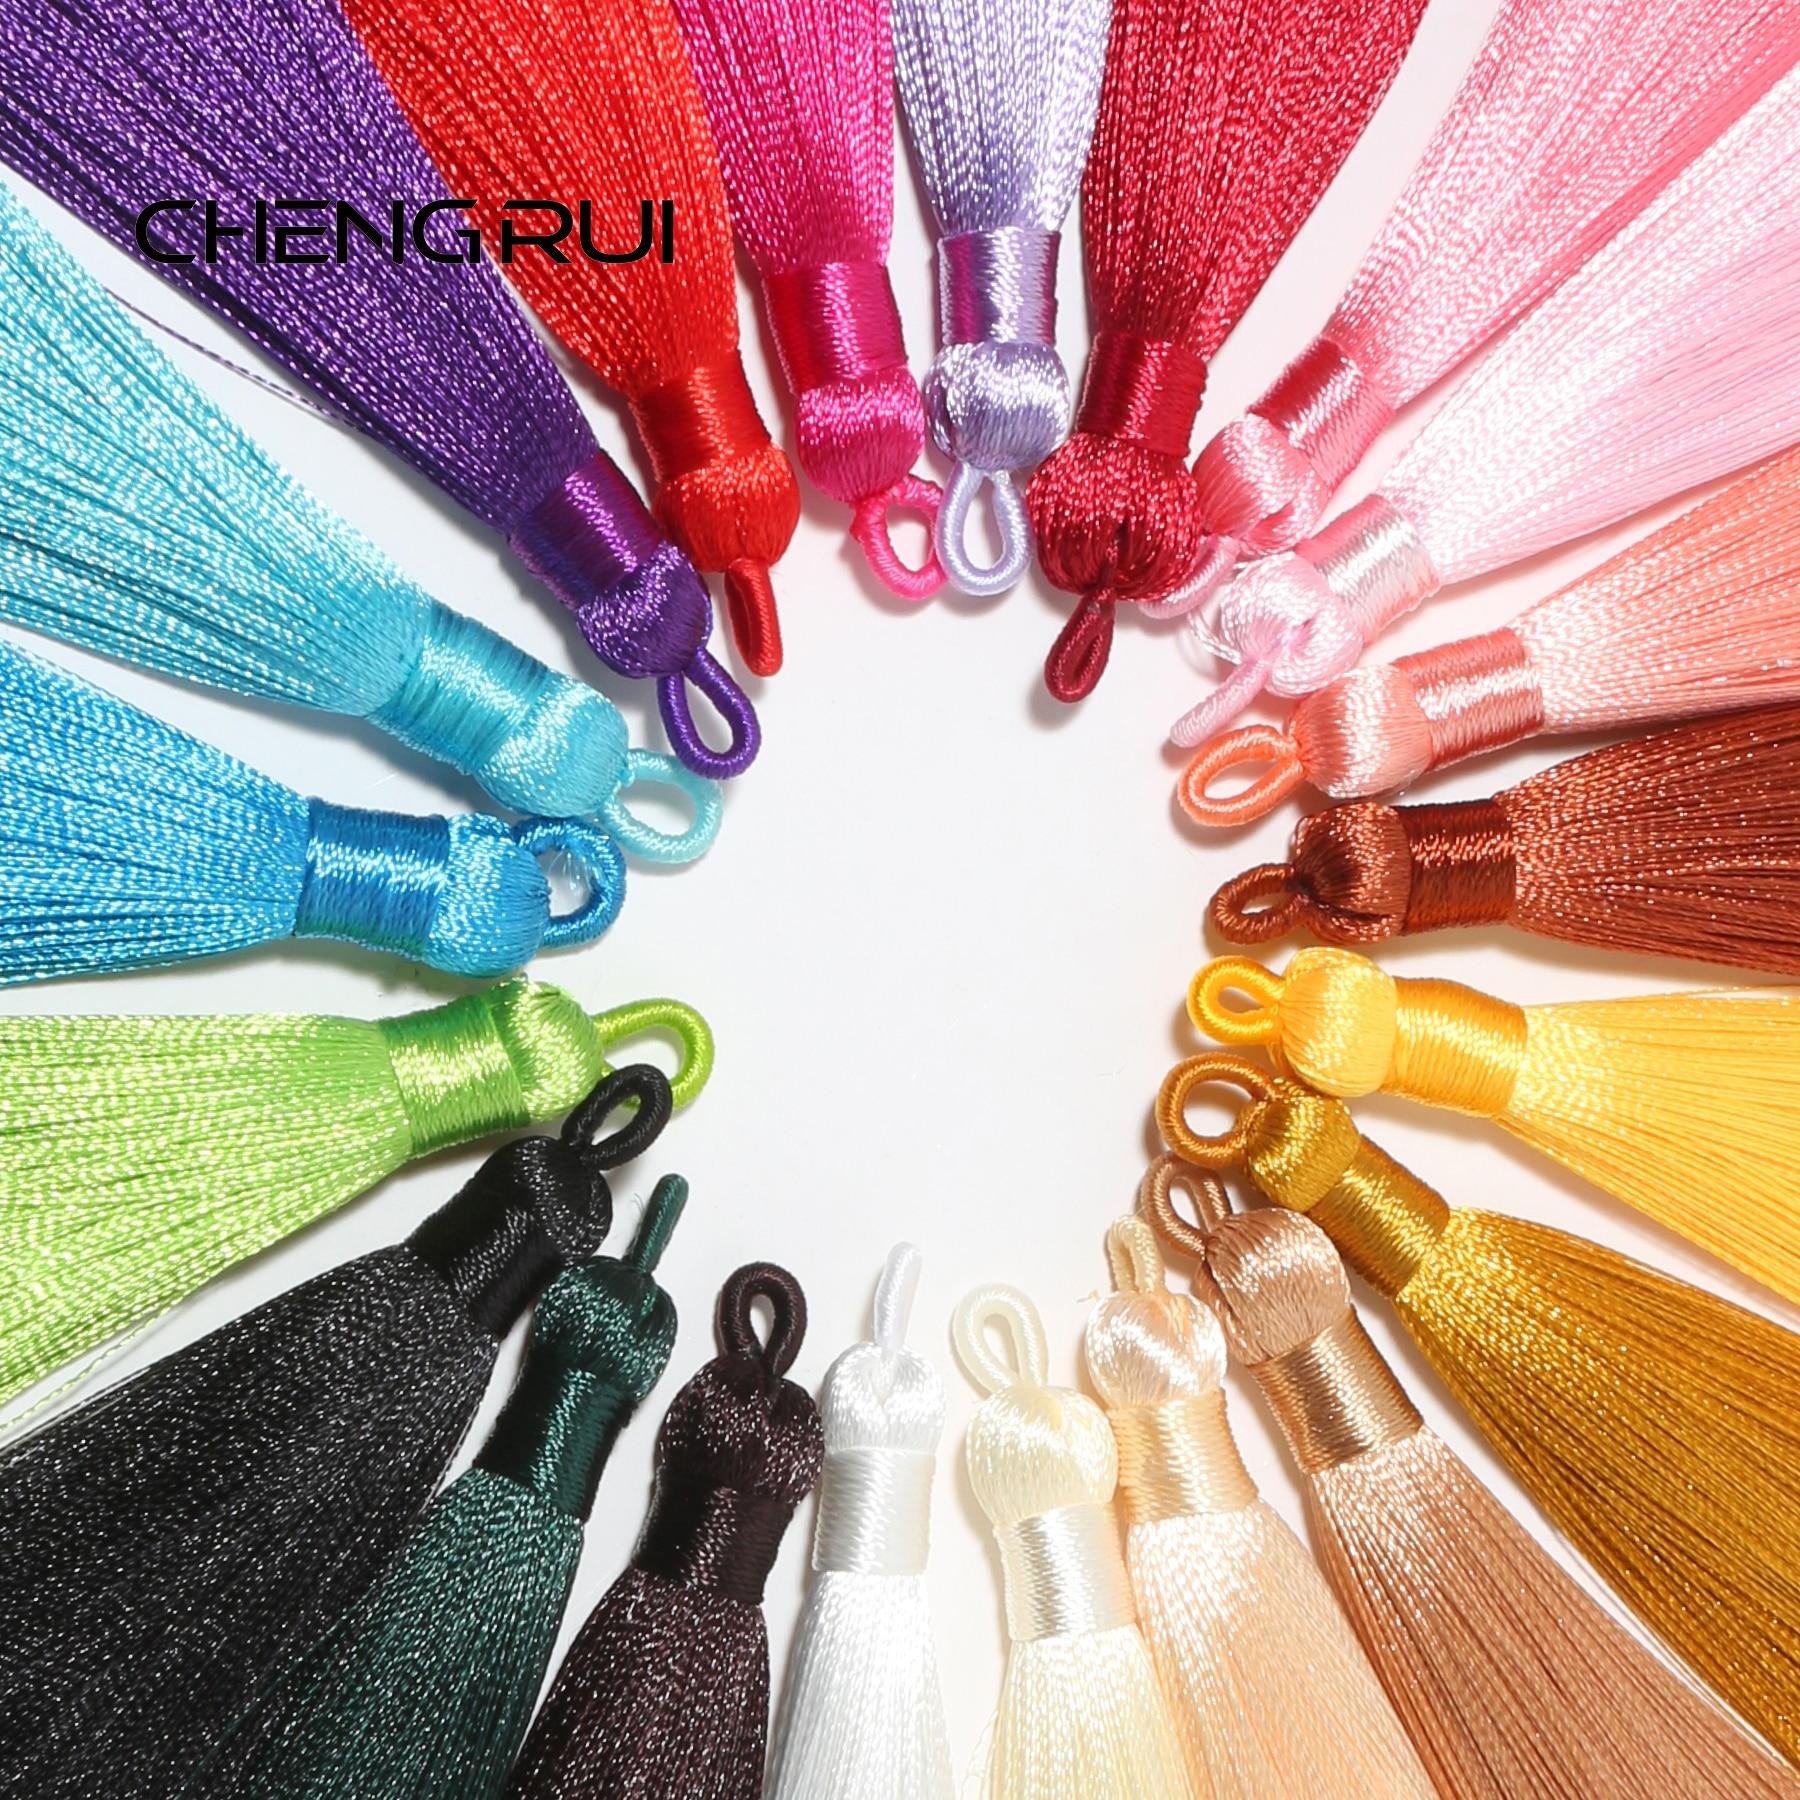 CHENGRUI L191 9,1 cm borlas de seda, accesorios de joyería, pendientes de bricolaje, hechos a mano, encantos, hallazgos de joyería, colgante de bricolaje 10 unids/bolsa